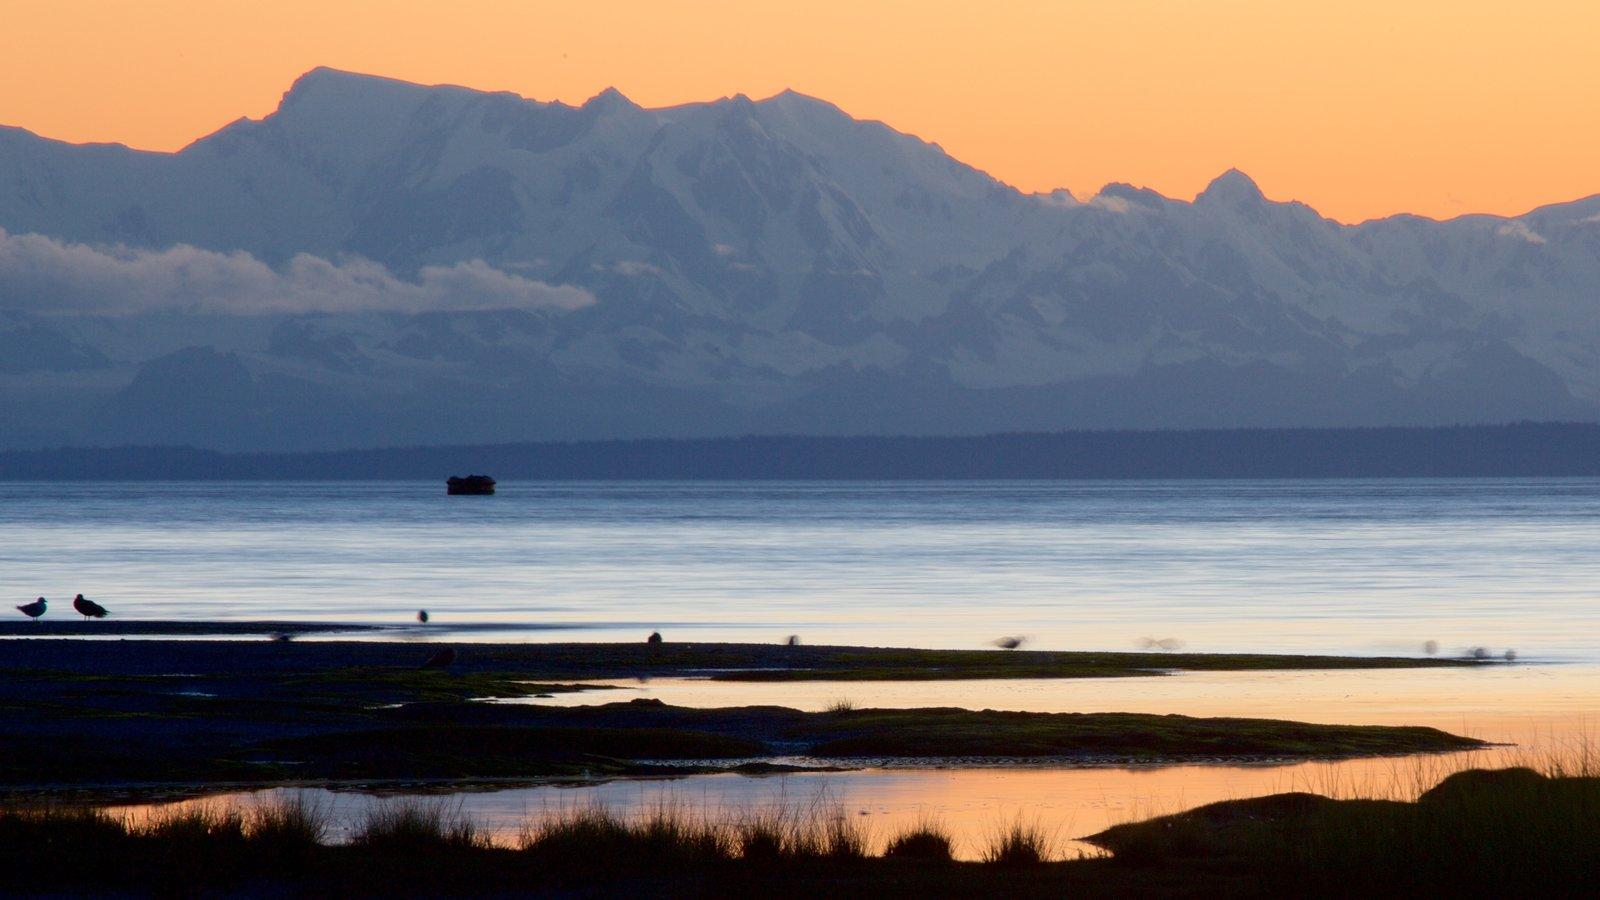 Anchorage caracterizando uma praia de areia e um pôr do sol